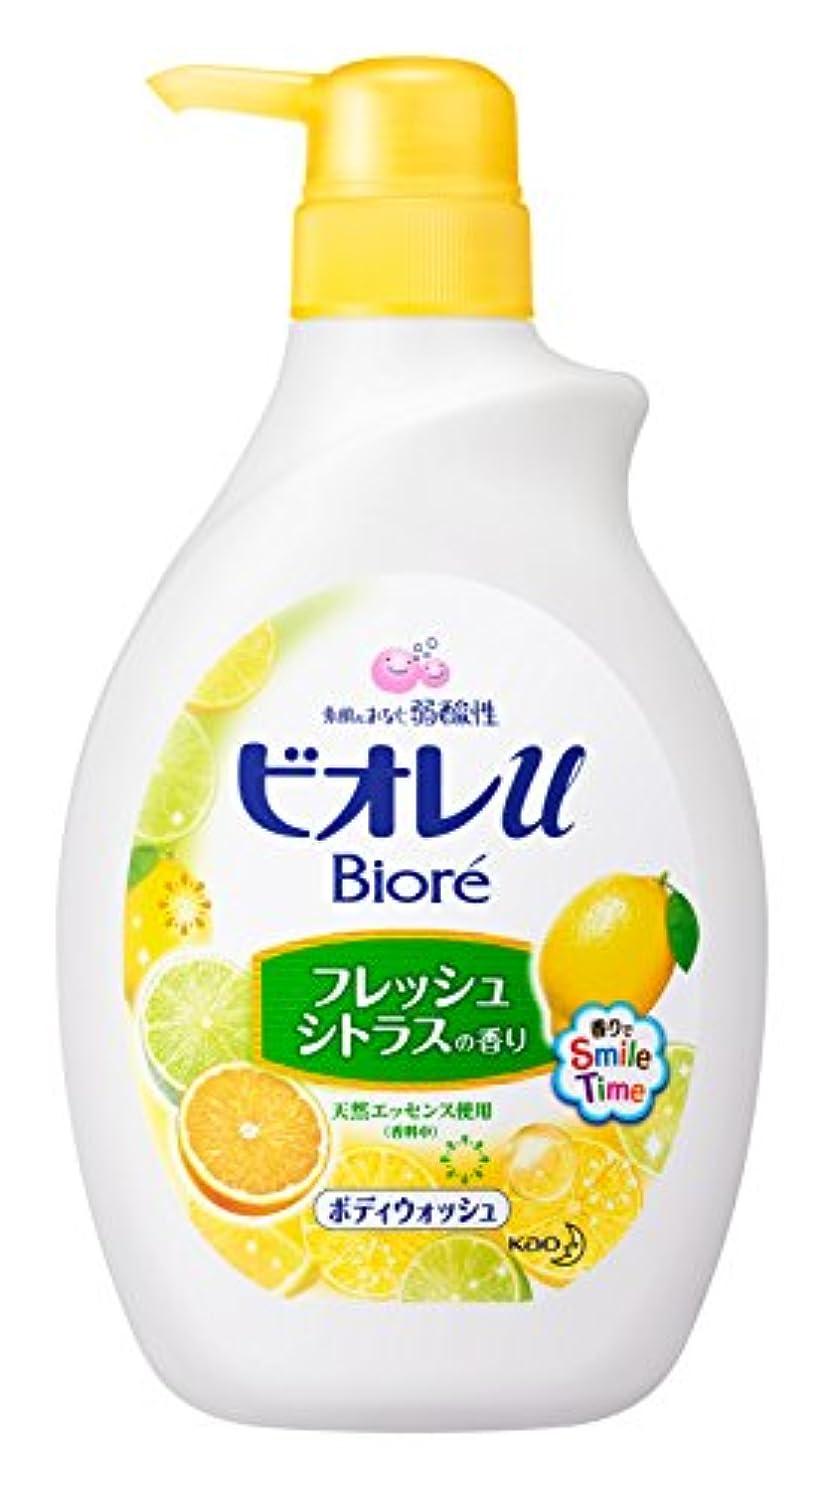 いわゆる桁毒ビオレu フレッシュシトラスの香り ポンプ 530ml